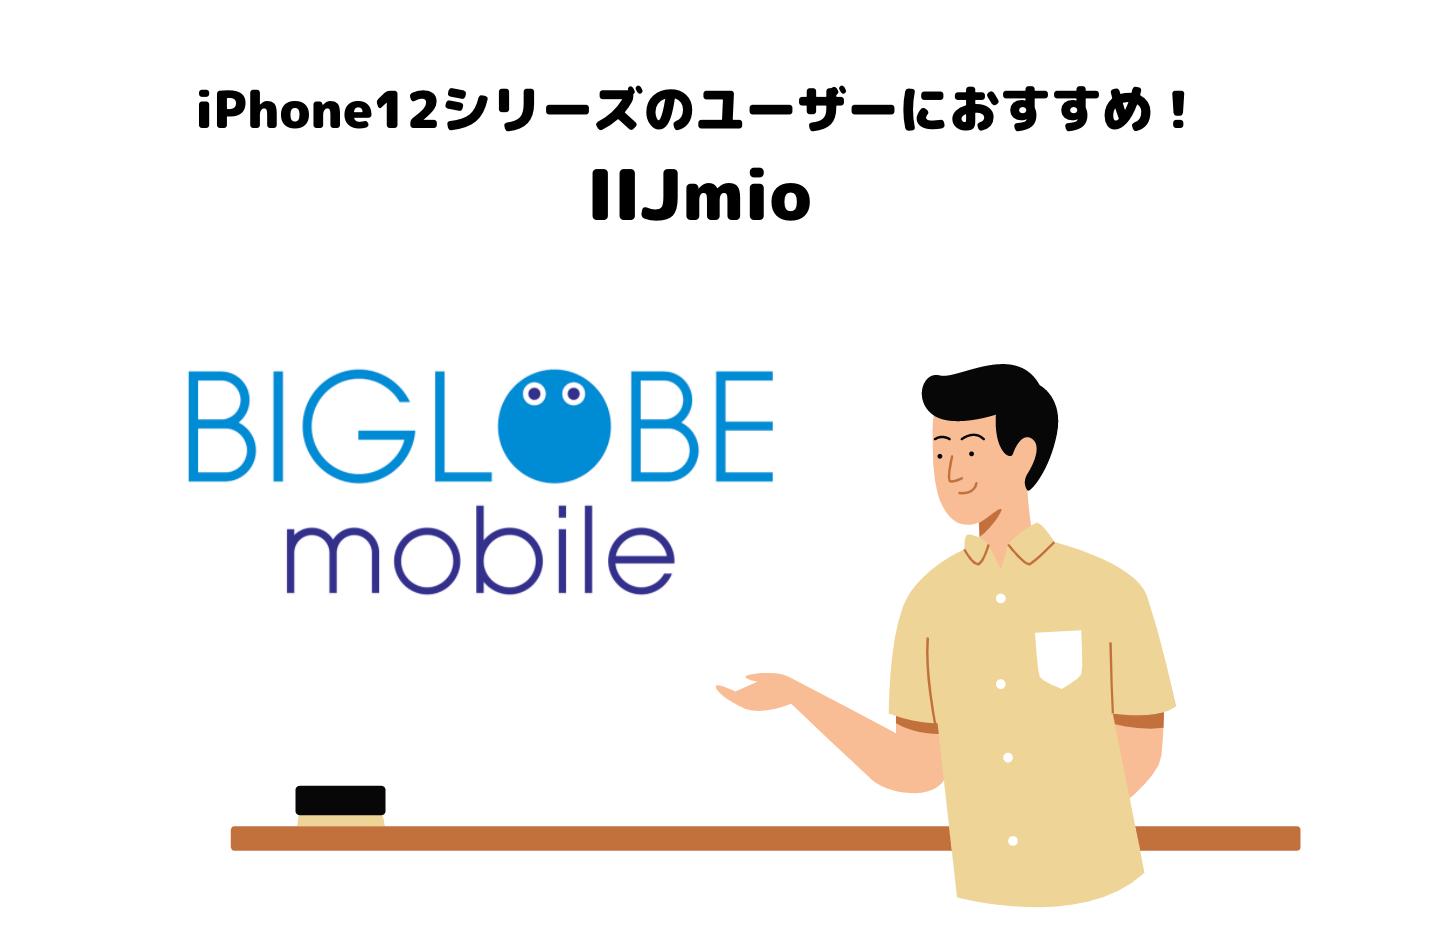 格安SIM_iphone12_iPhone12_biglobemobile_BIGLOBE mobile_BIGLOBEモバイル